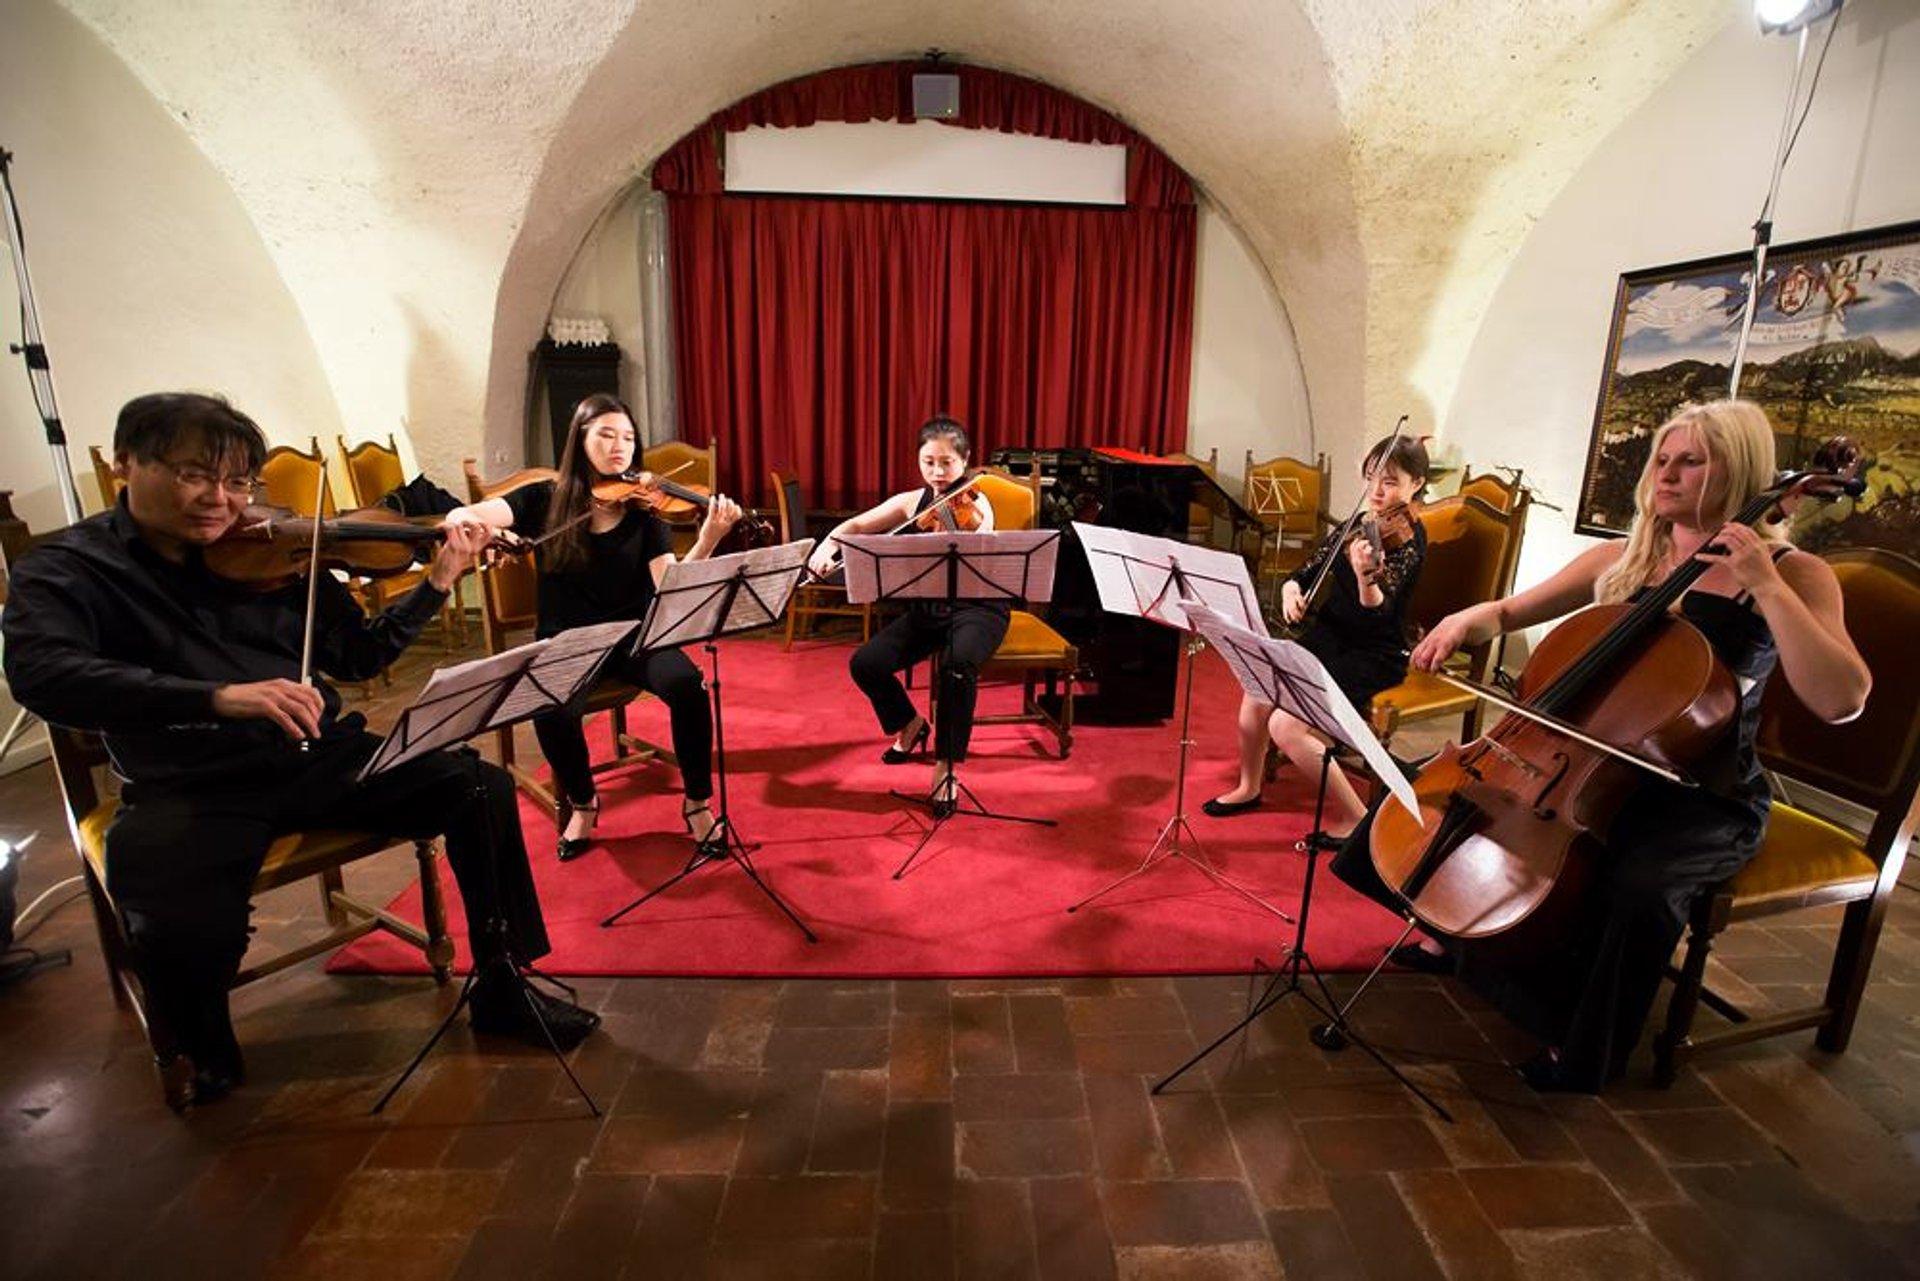 Festival Bled in Slovenia - Best Season 2019